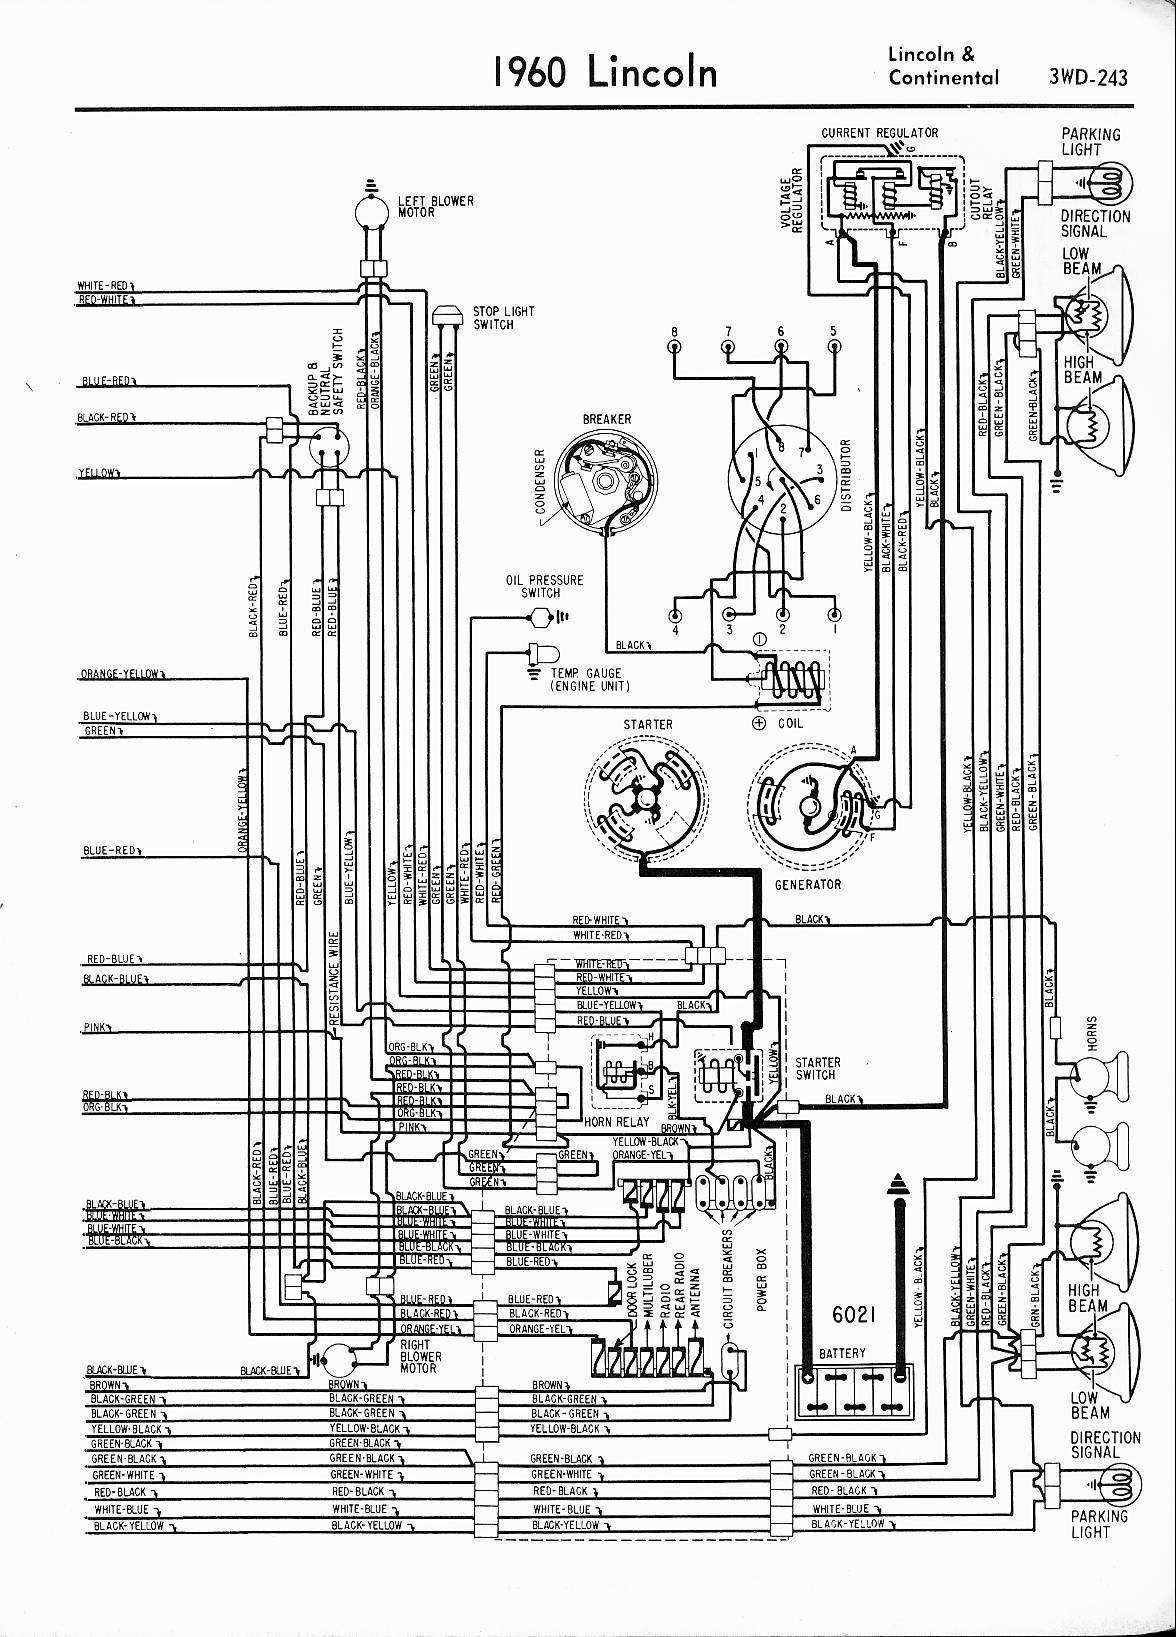 1996 Lincoln town Car Wiring Diagram 1996 ford Ranger Wiring Diagram Wiring Diagram Of 1996 Lincoln town Car Wiring Diagram